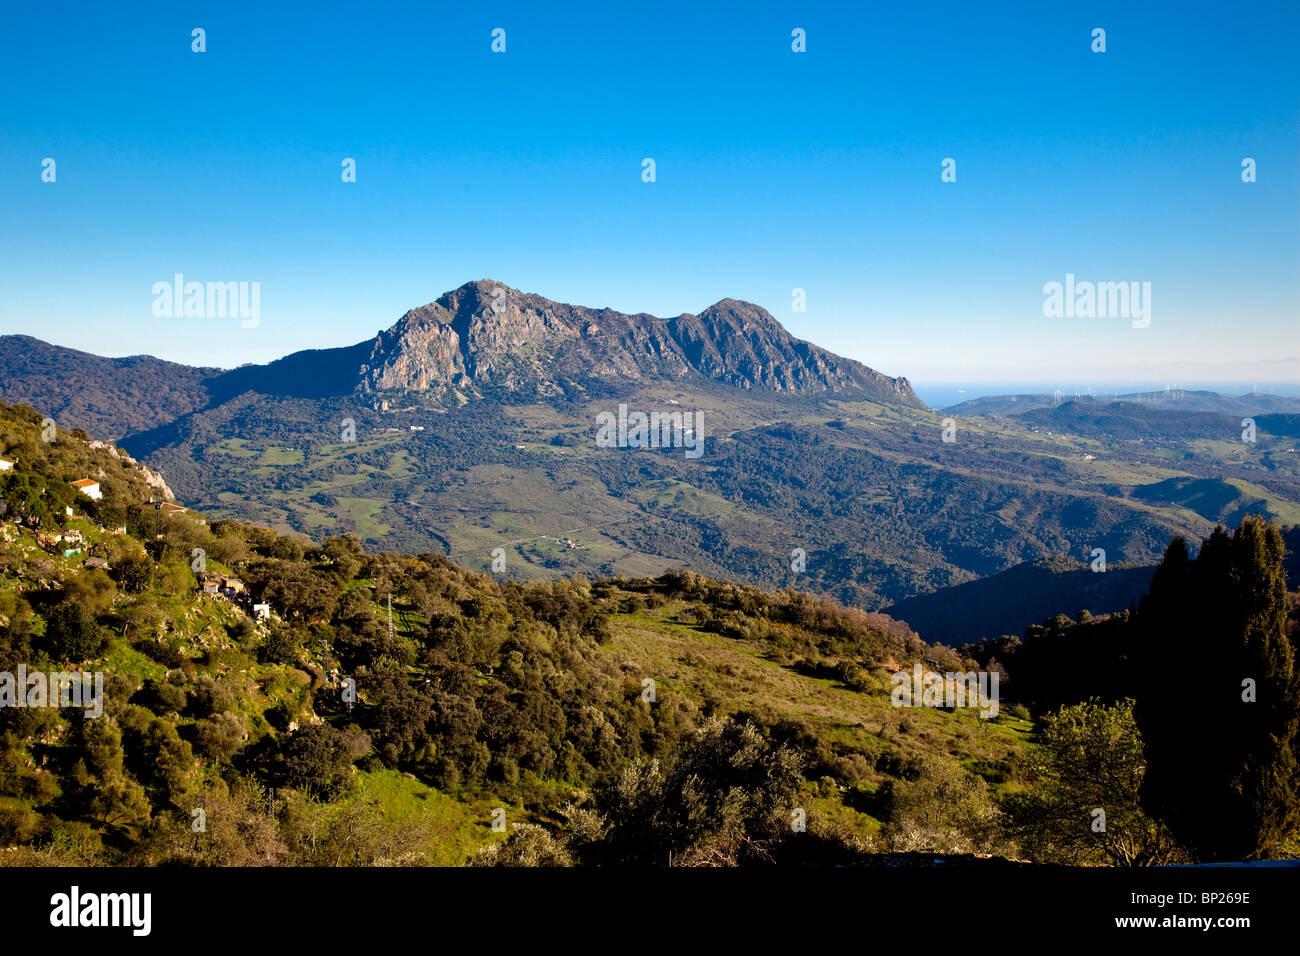 Serranía de Ronda, Andalucia, Malaga, Spain - Stock Image